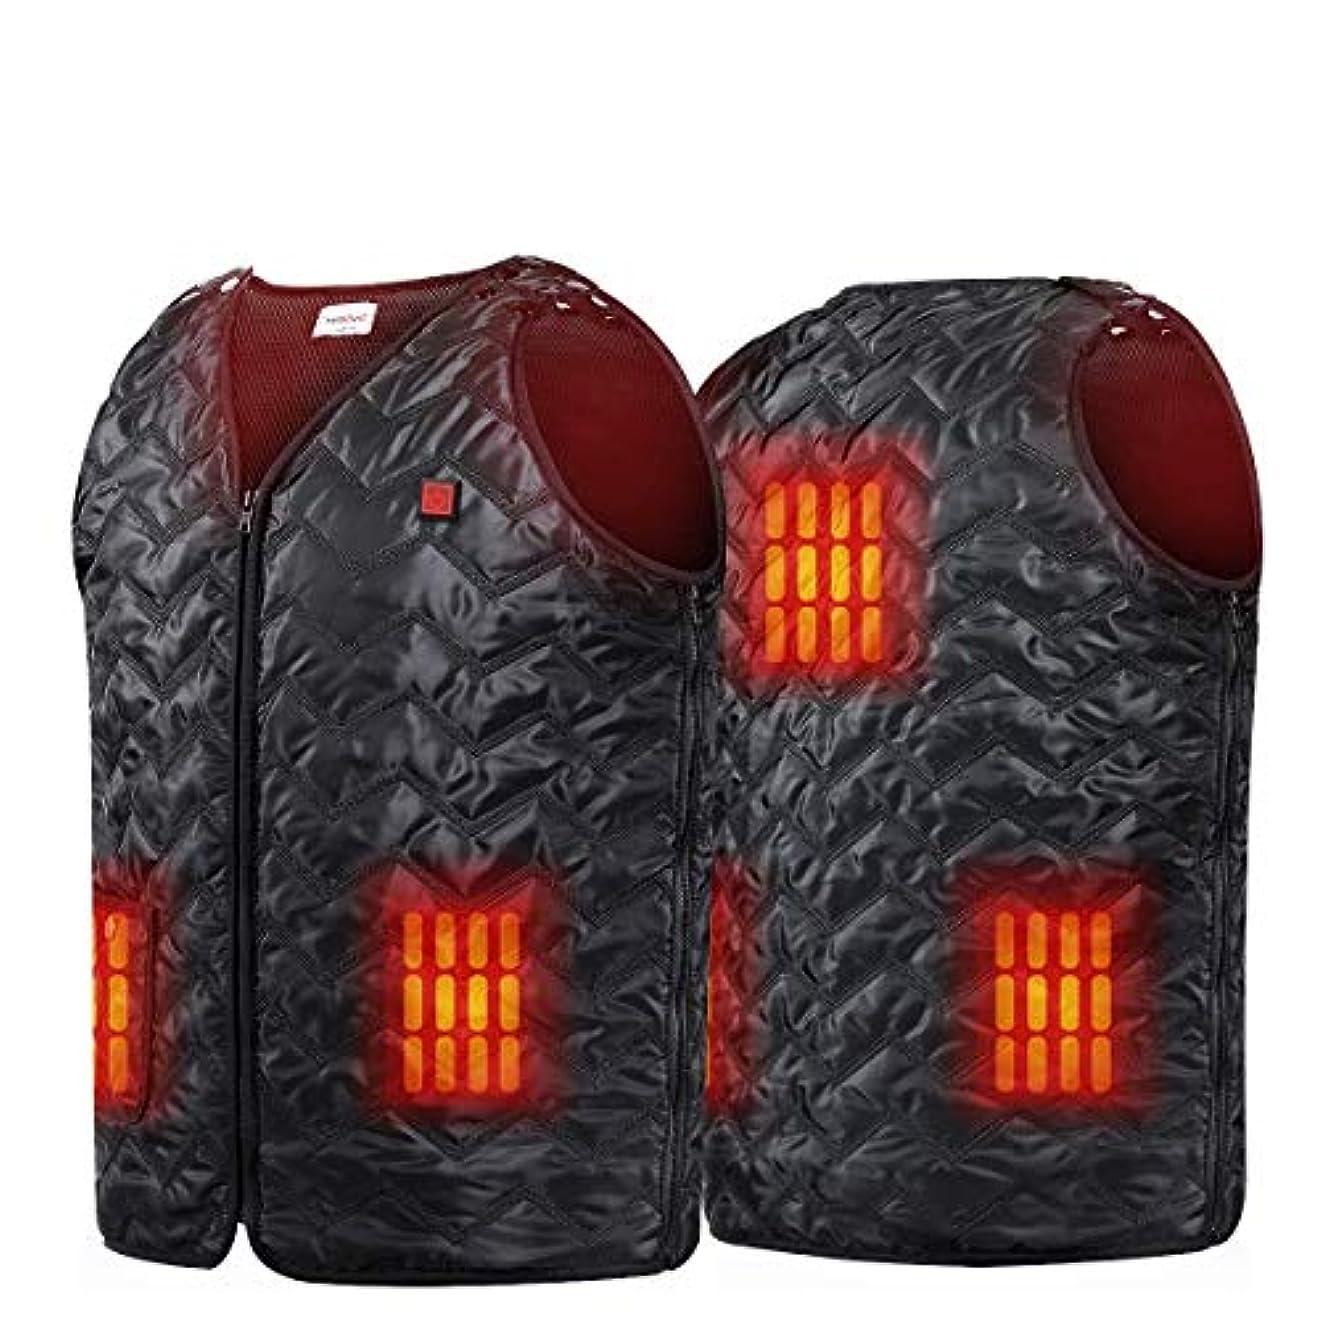 応用スタイルバンジョーNiubalac 温水ベスト バイク用 ハイキング 狩猟 釣り スキー用 5パネル加熱服サイズ調節可能なウォッシャブル軽量鎮痛剤を充電USB アウトドアアクティビティは男性女性ユニセックス 適合します Lサイズ ブラック